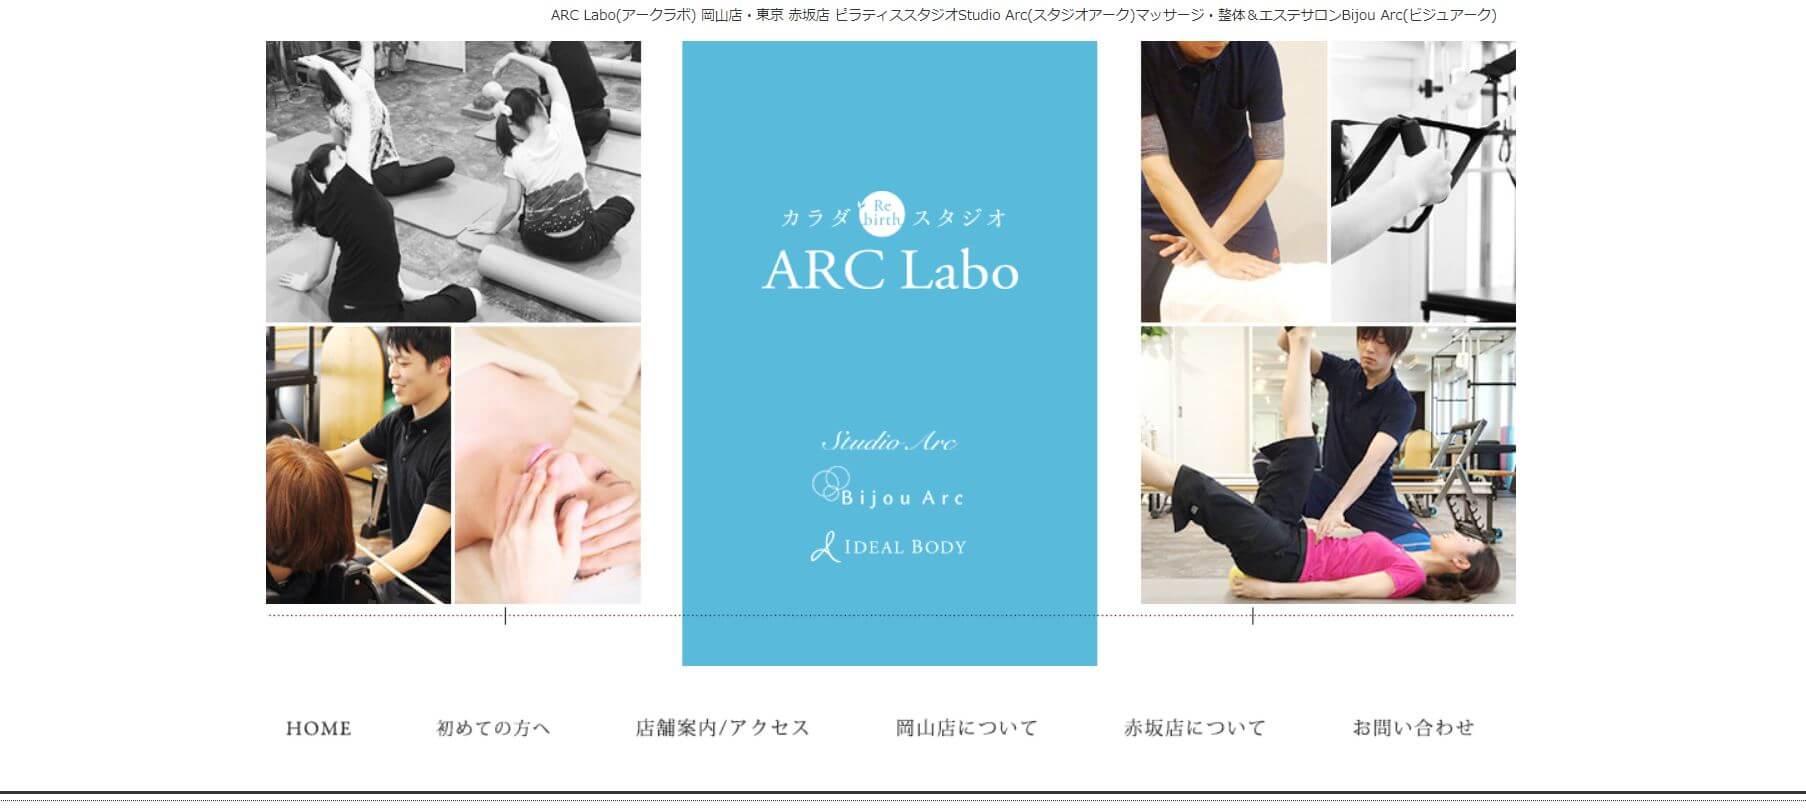 ARC Labo.(アークラボ)